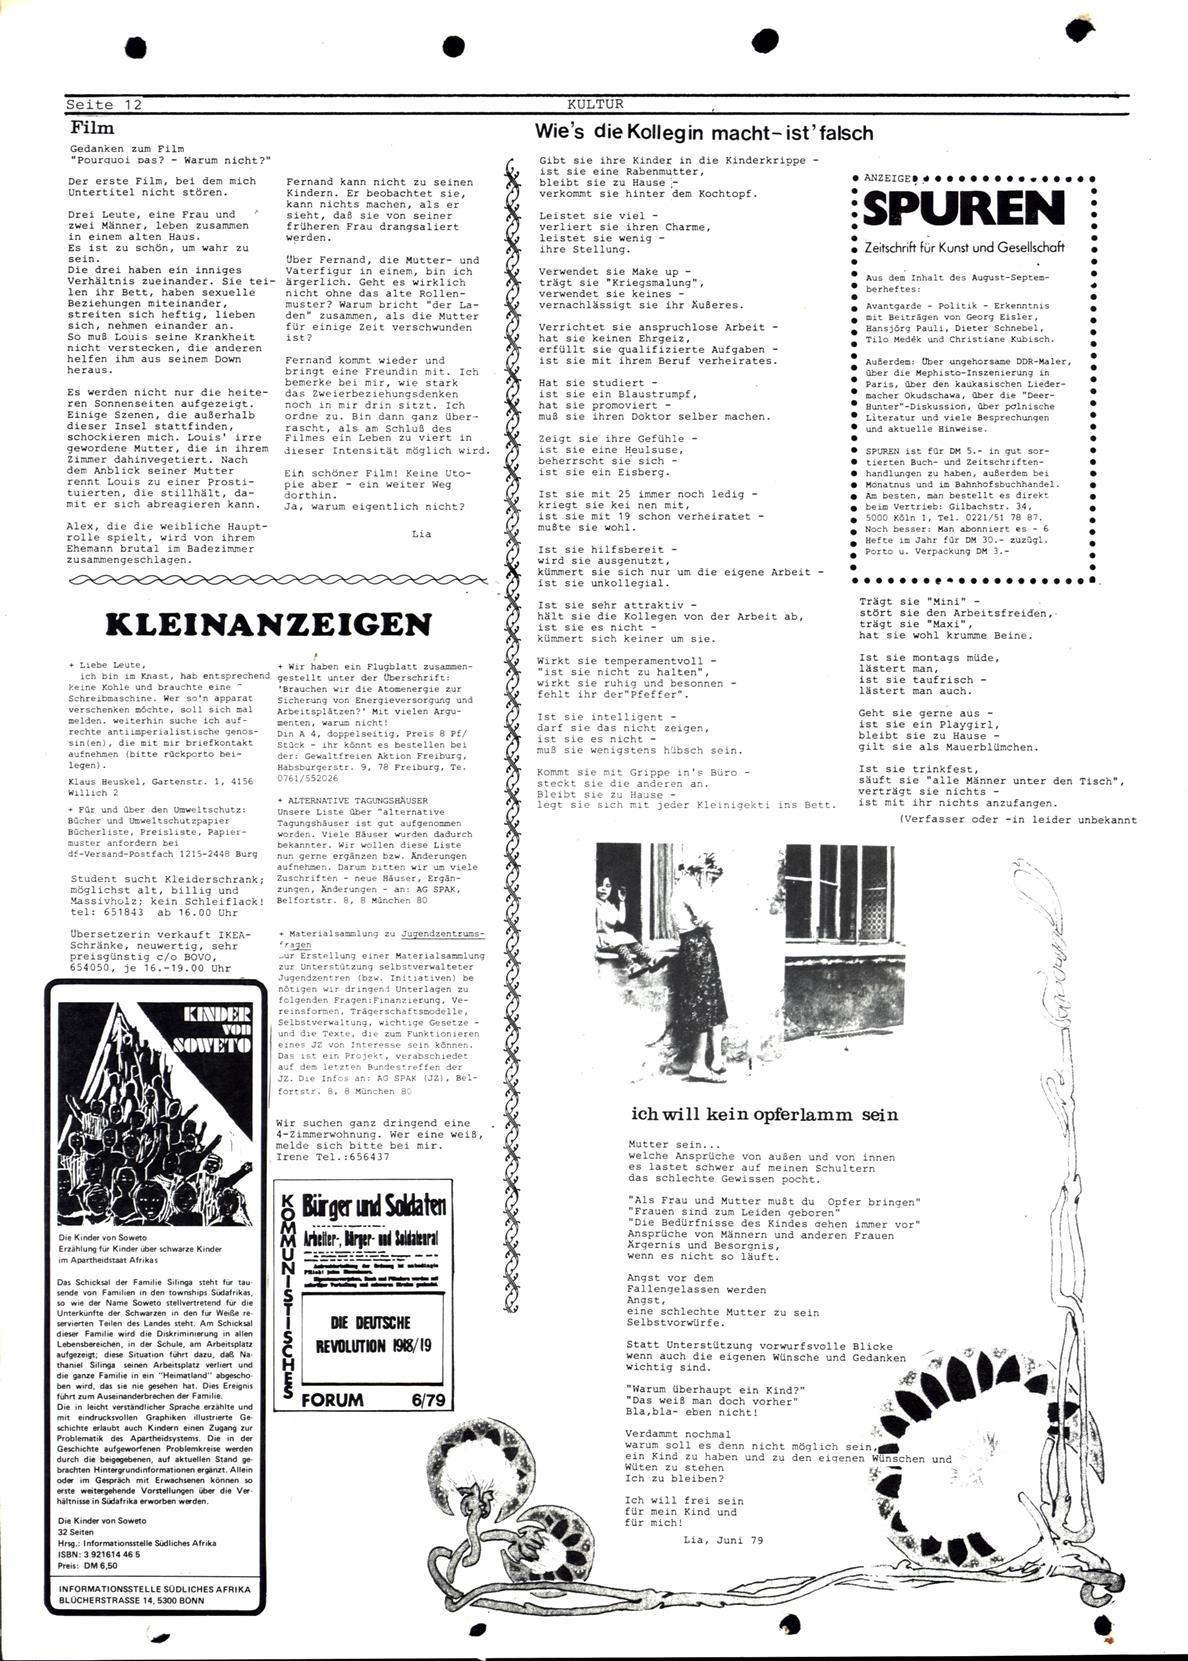 Bonner_Volksblatt_27_19790828_12